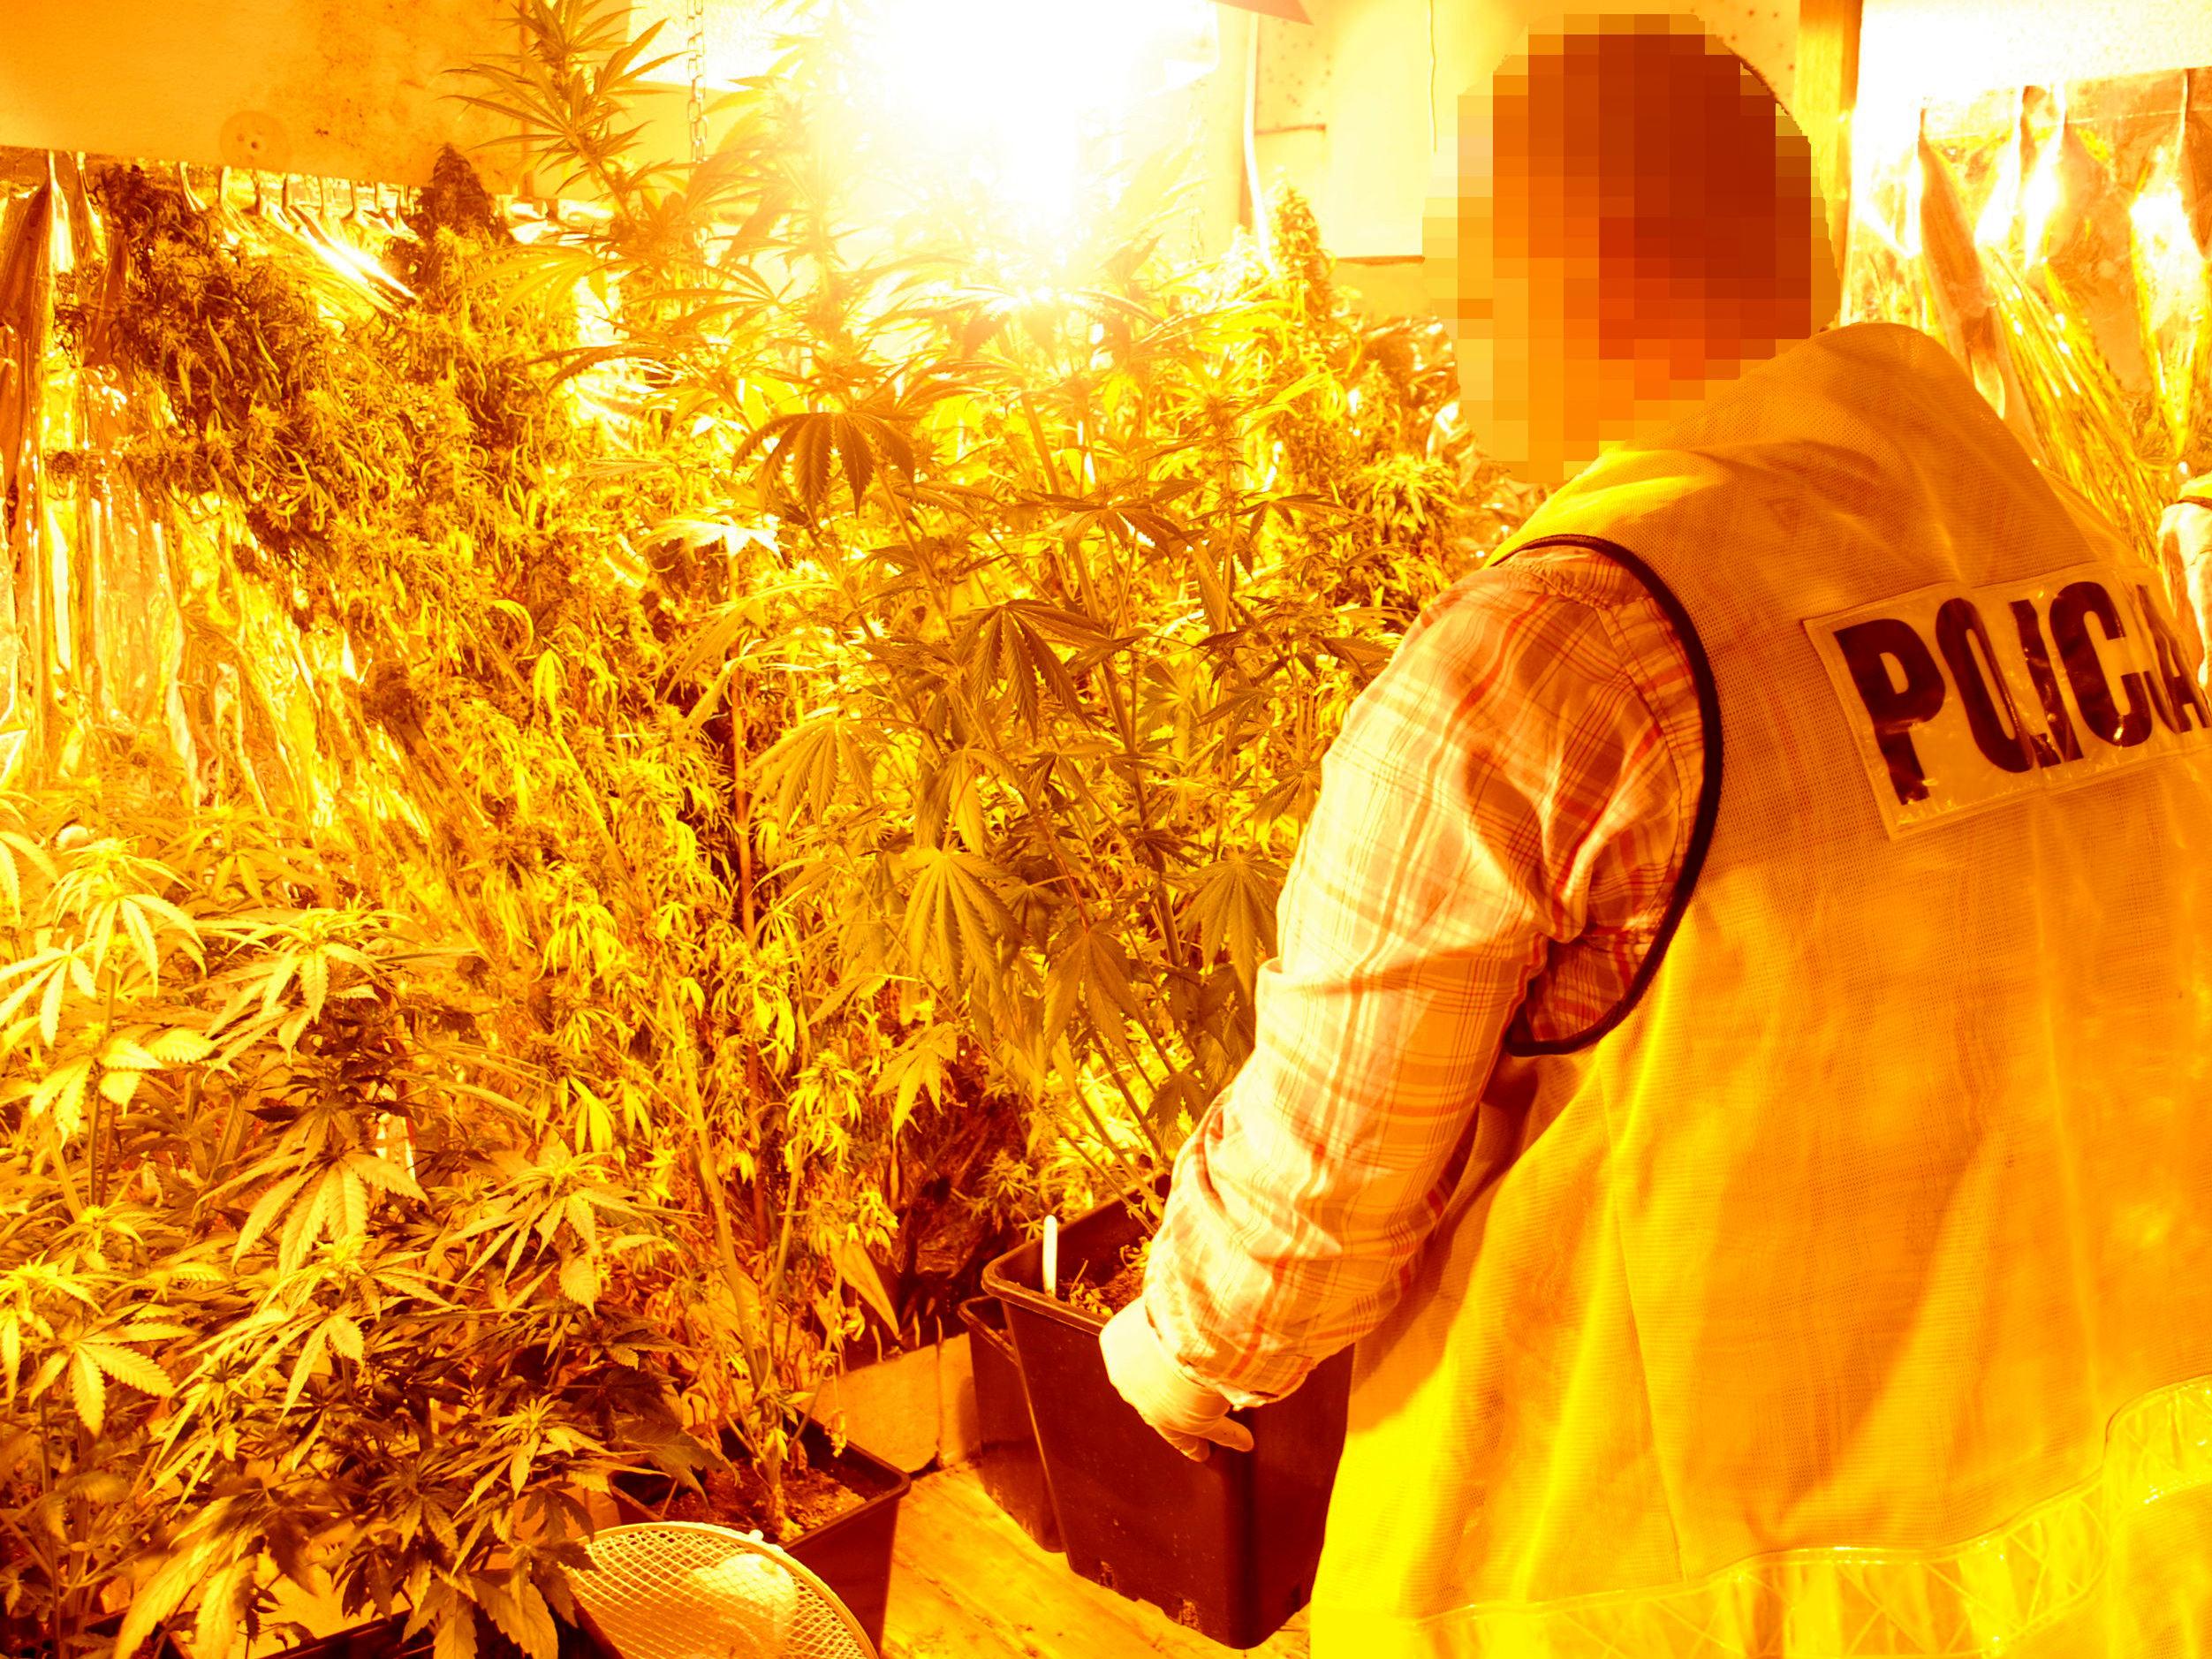 Wykryli plantację marihuany